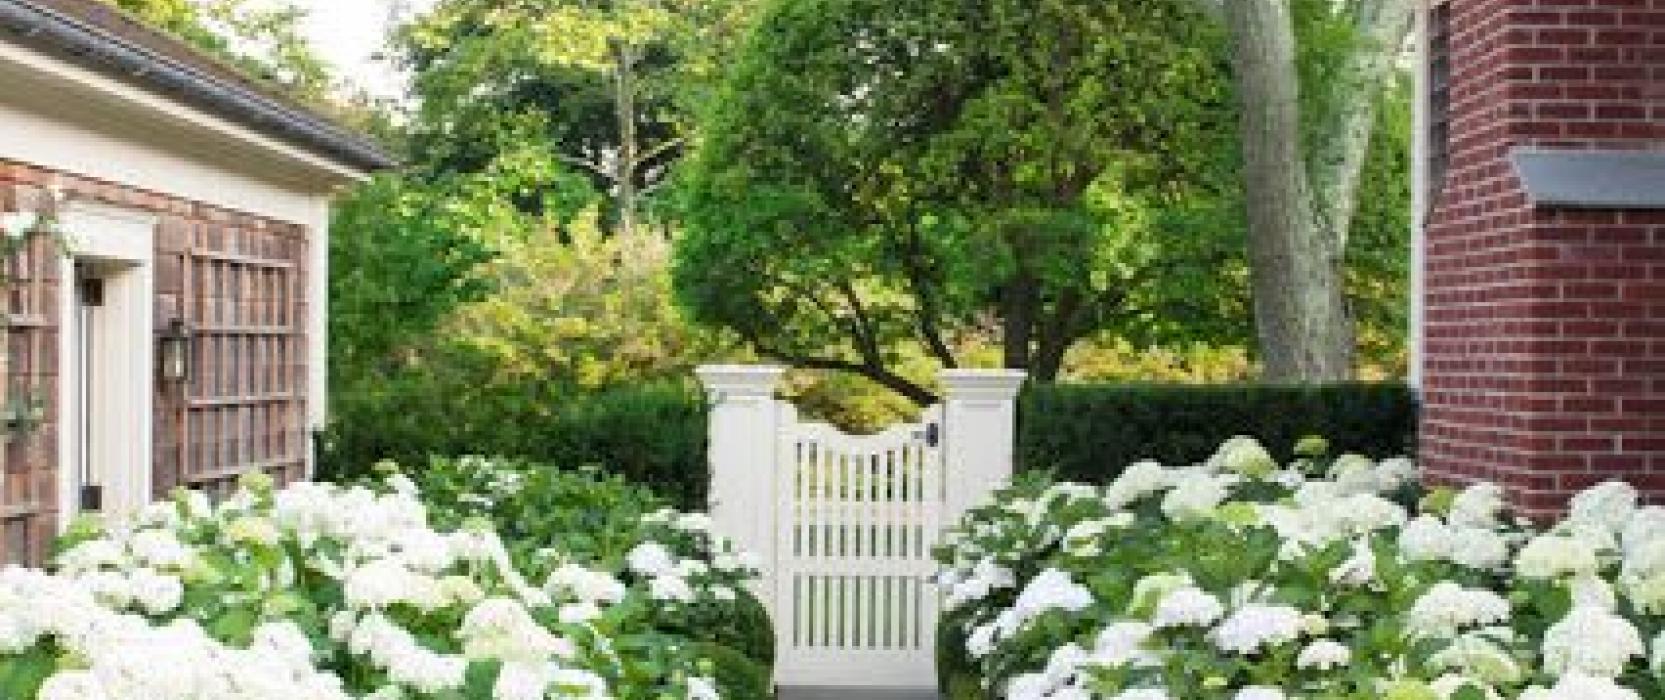 In God's Gardens